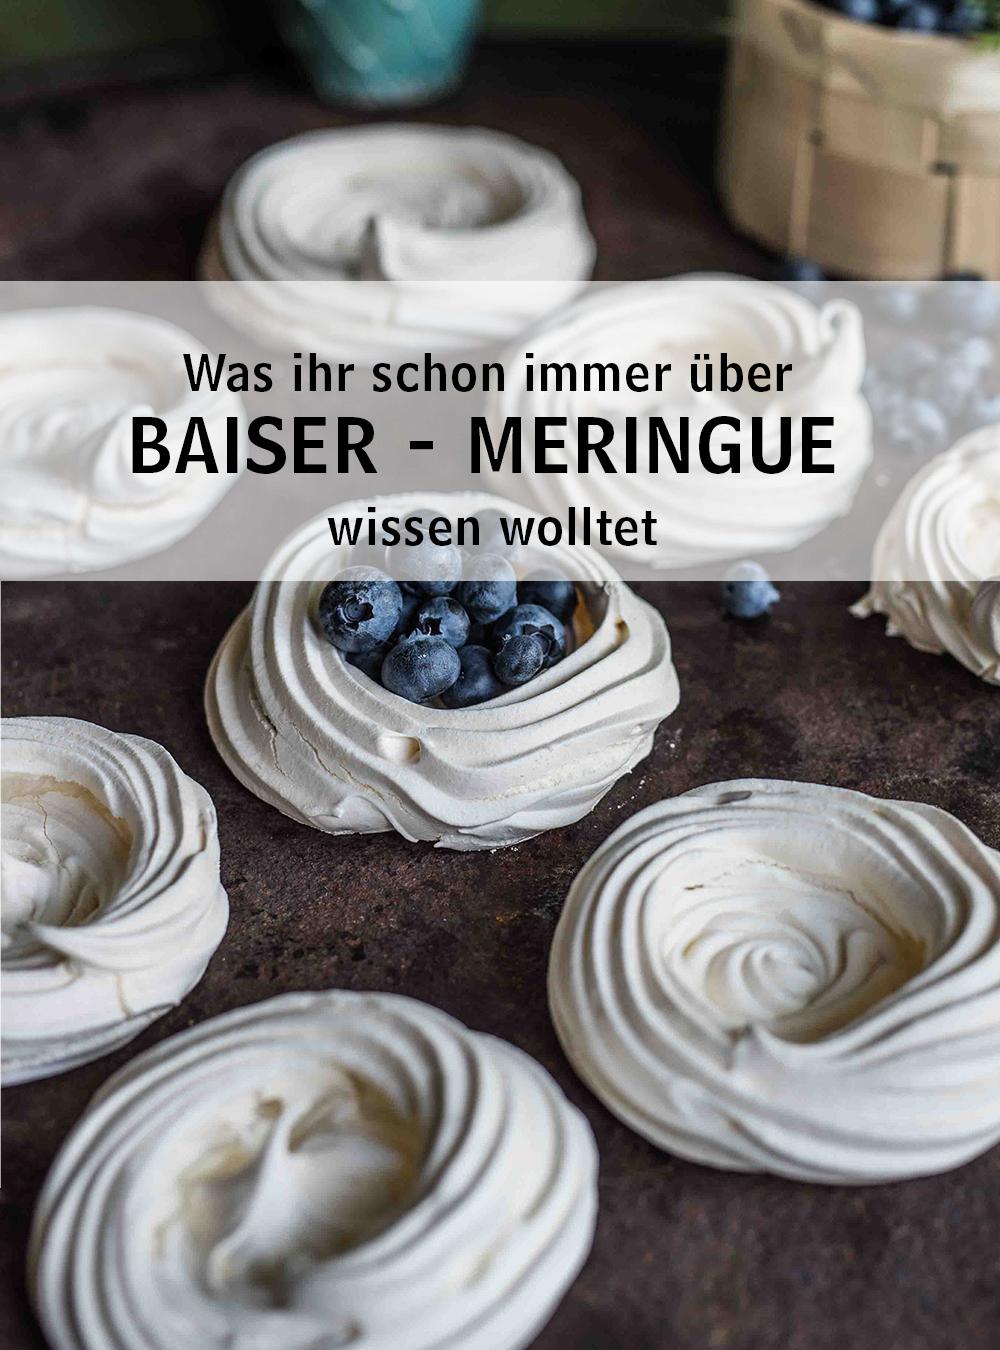 Baiser - Meringue, meine Versuchsreihe